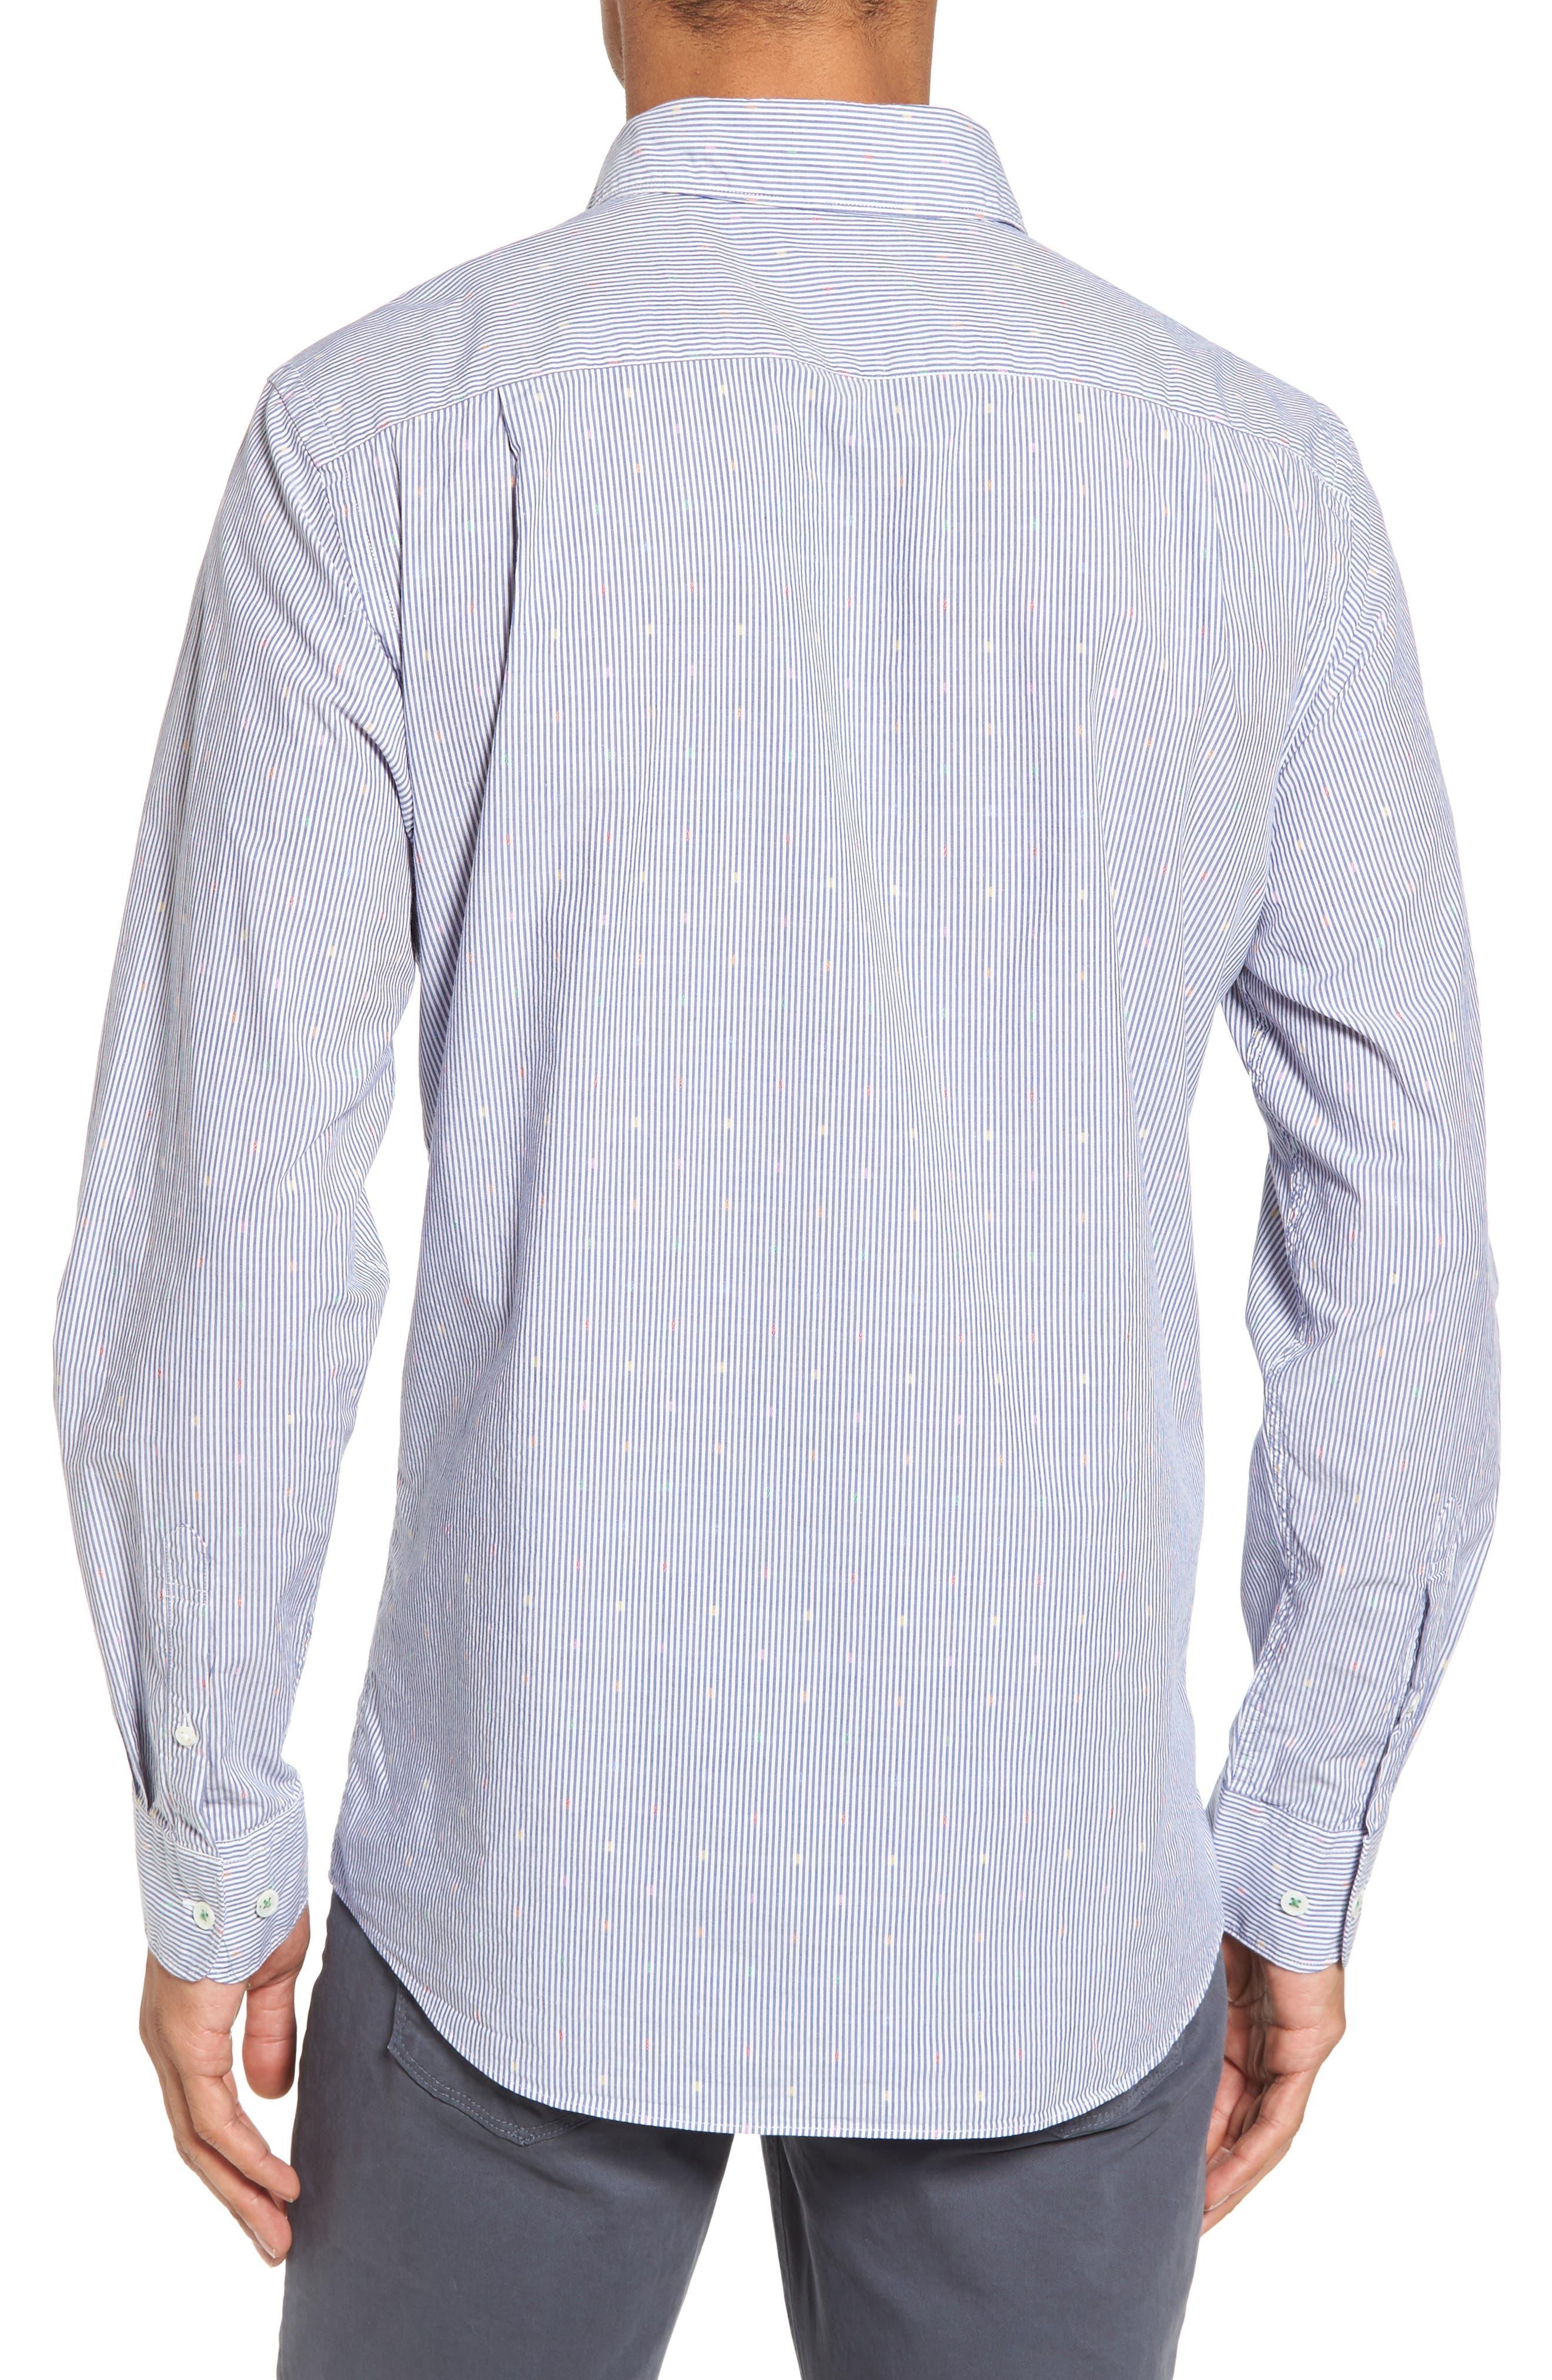 Tamaki River Woven Sport Shirt,                             Alternate thumbnail 2, color,                             423